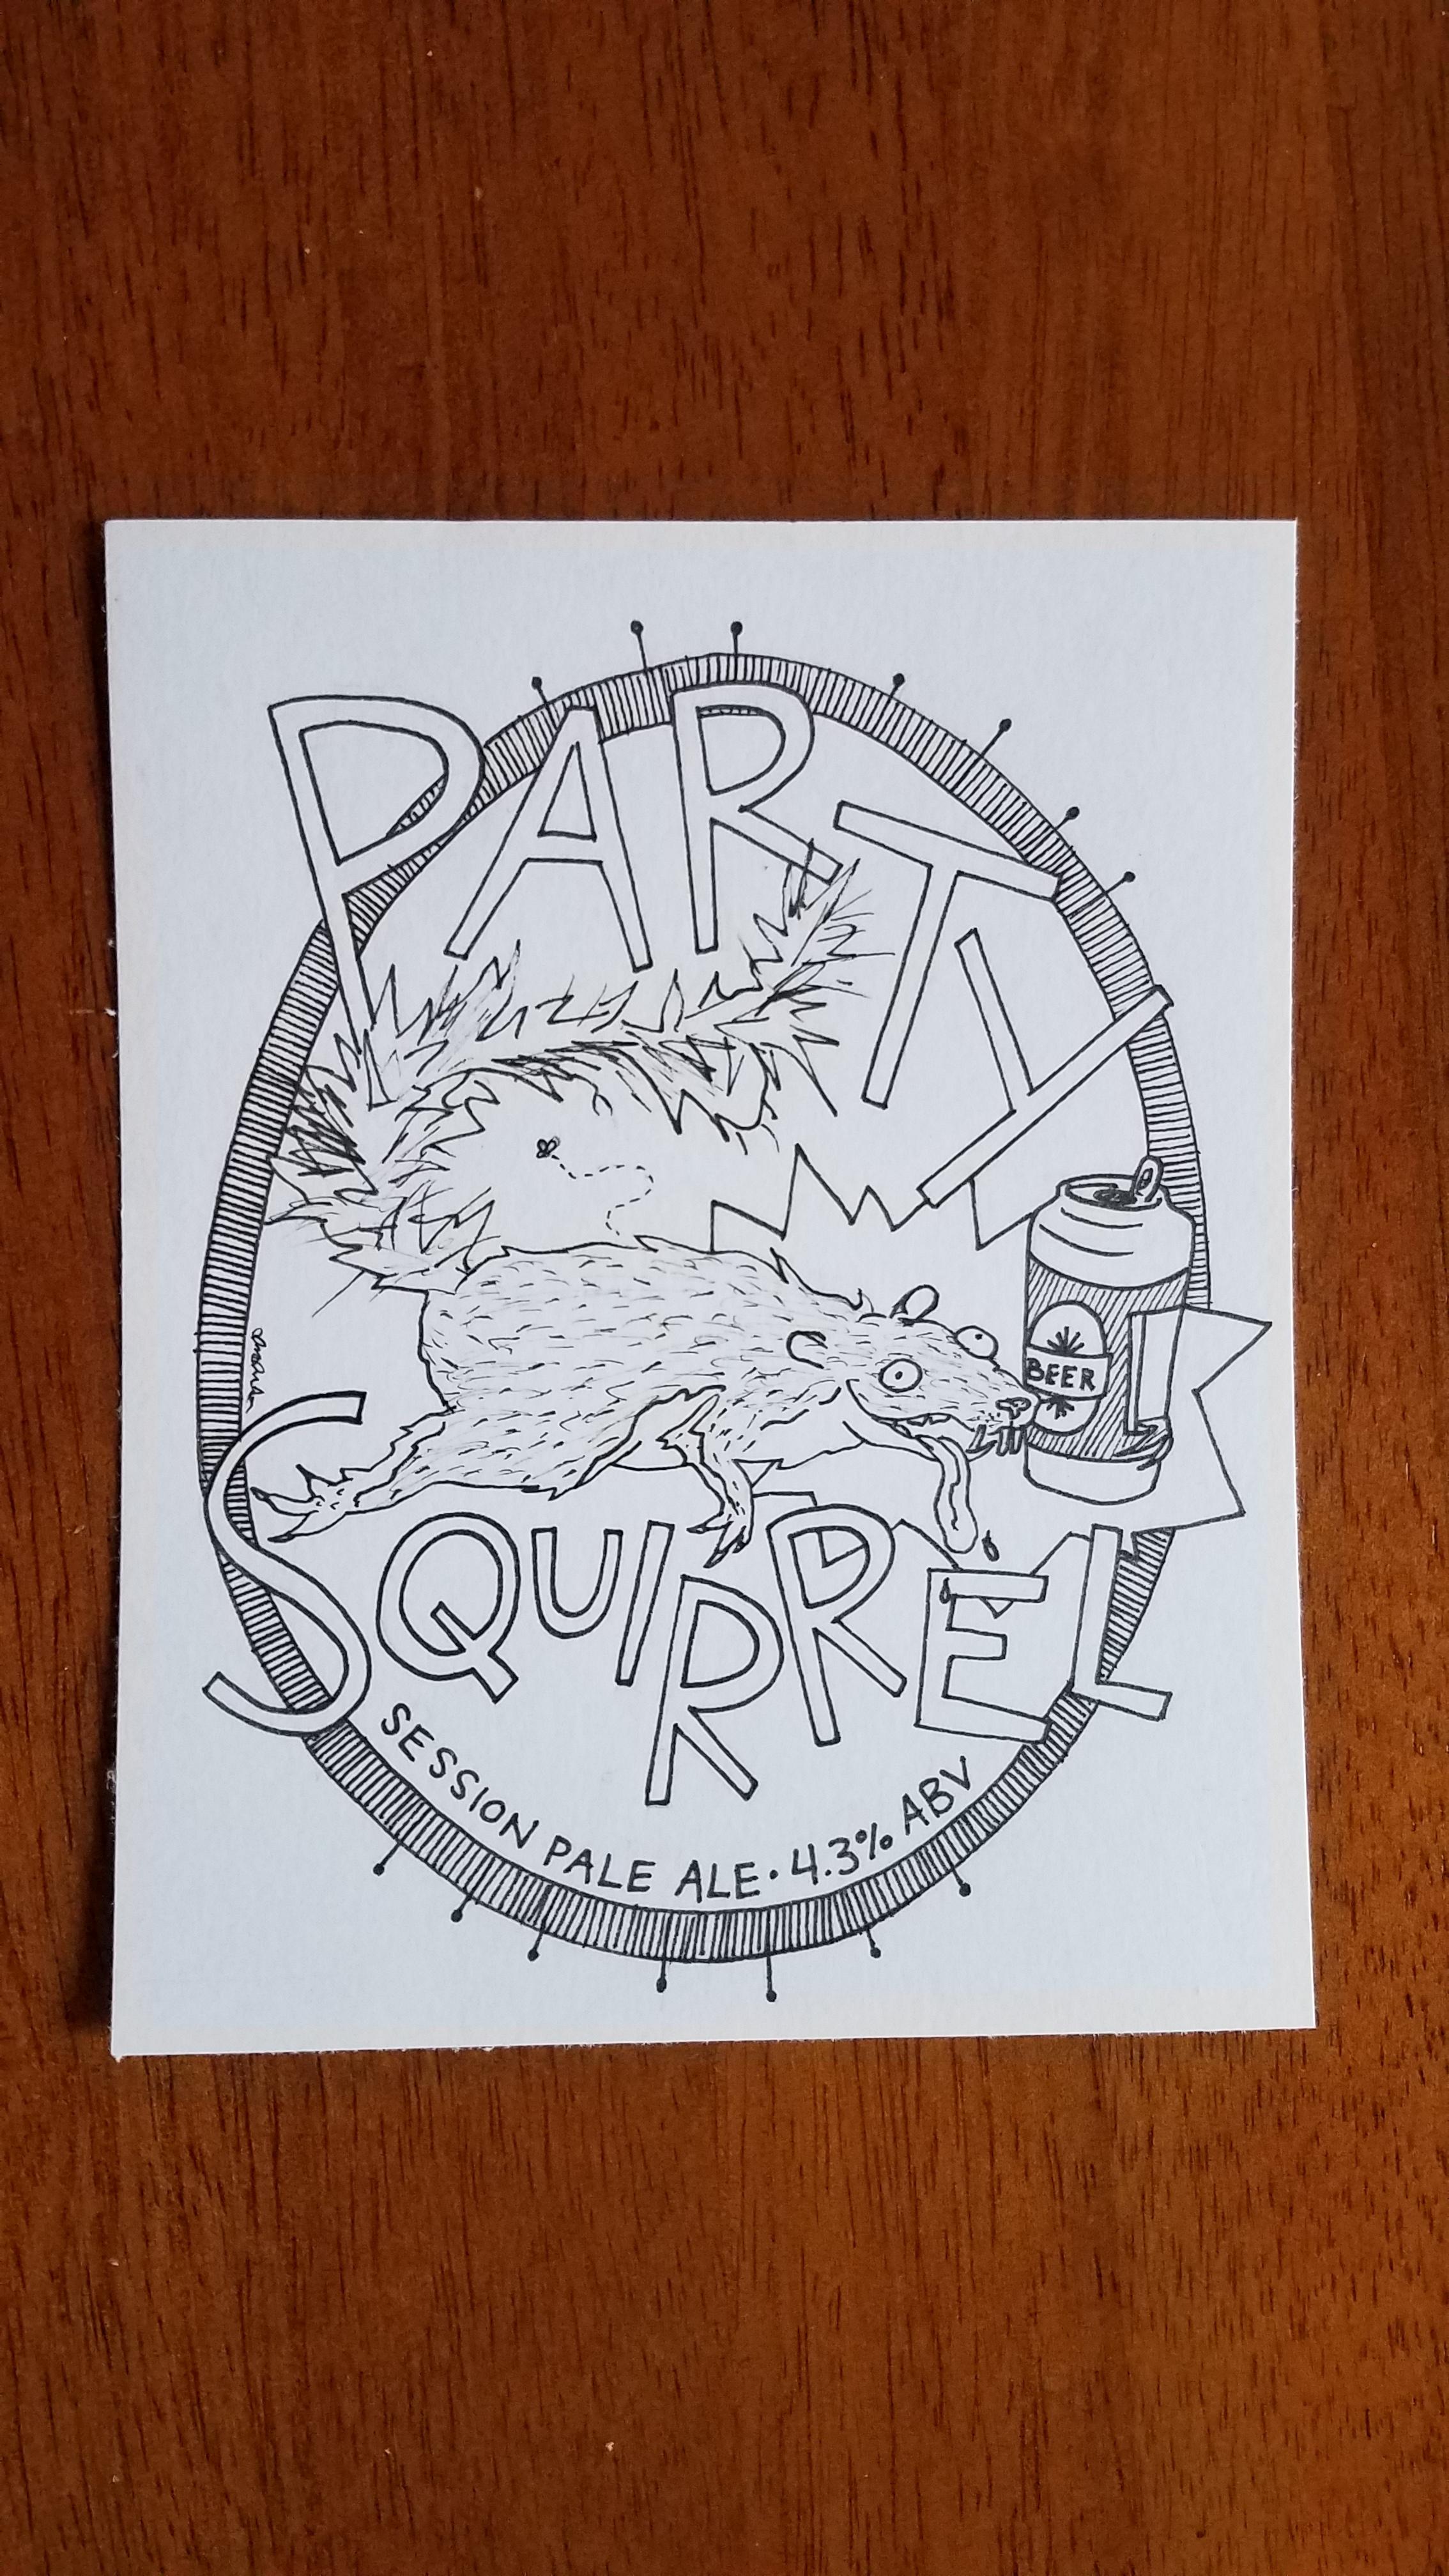 Party Squirrel  Hypothetical craft beer #2, 2019.